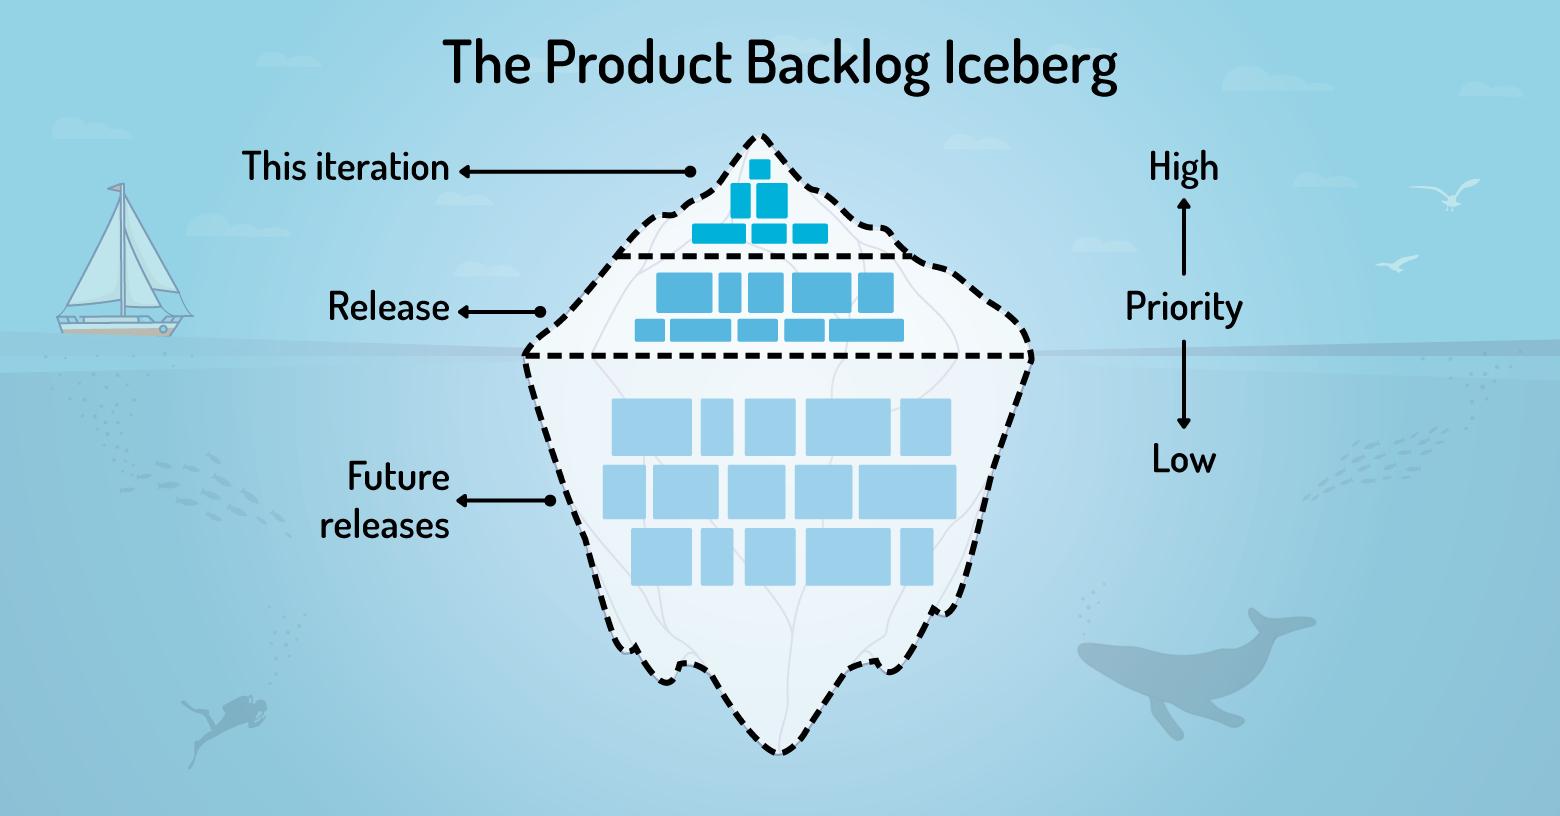 Iceberg principle for a Product Backlog